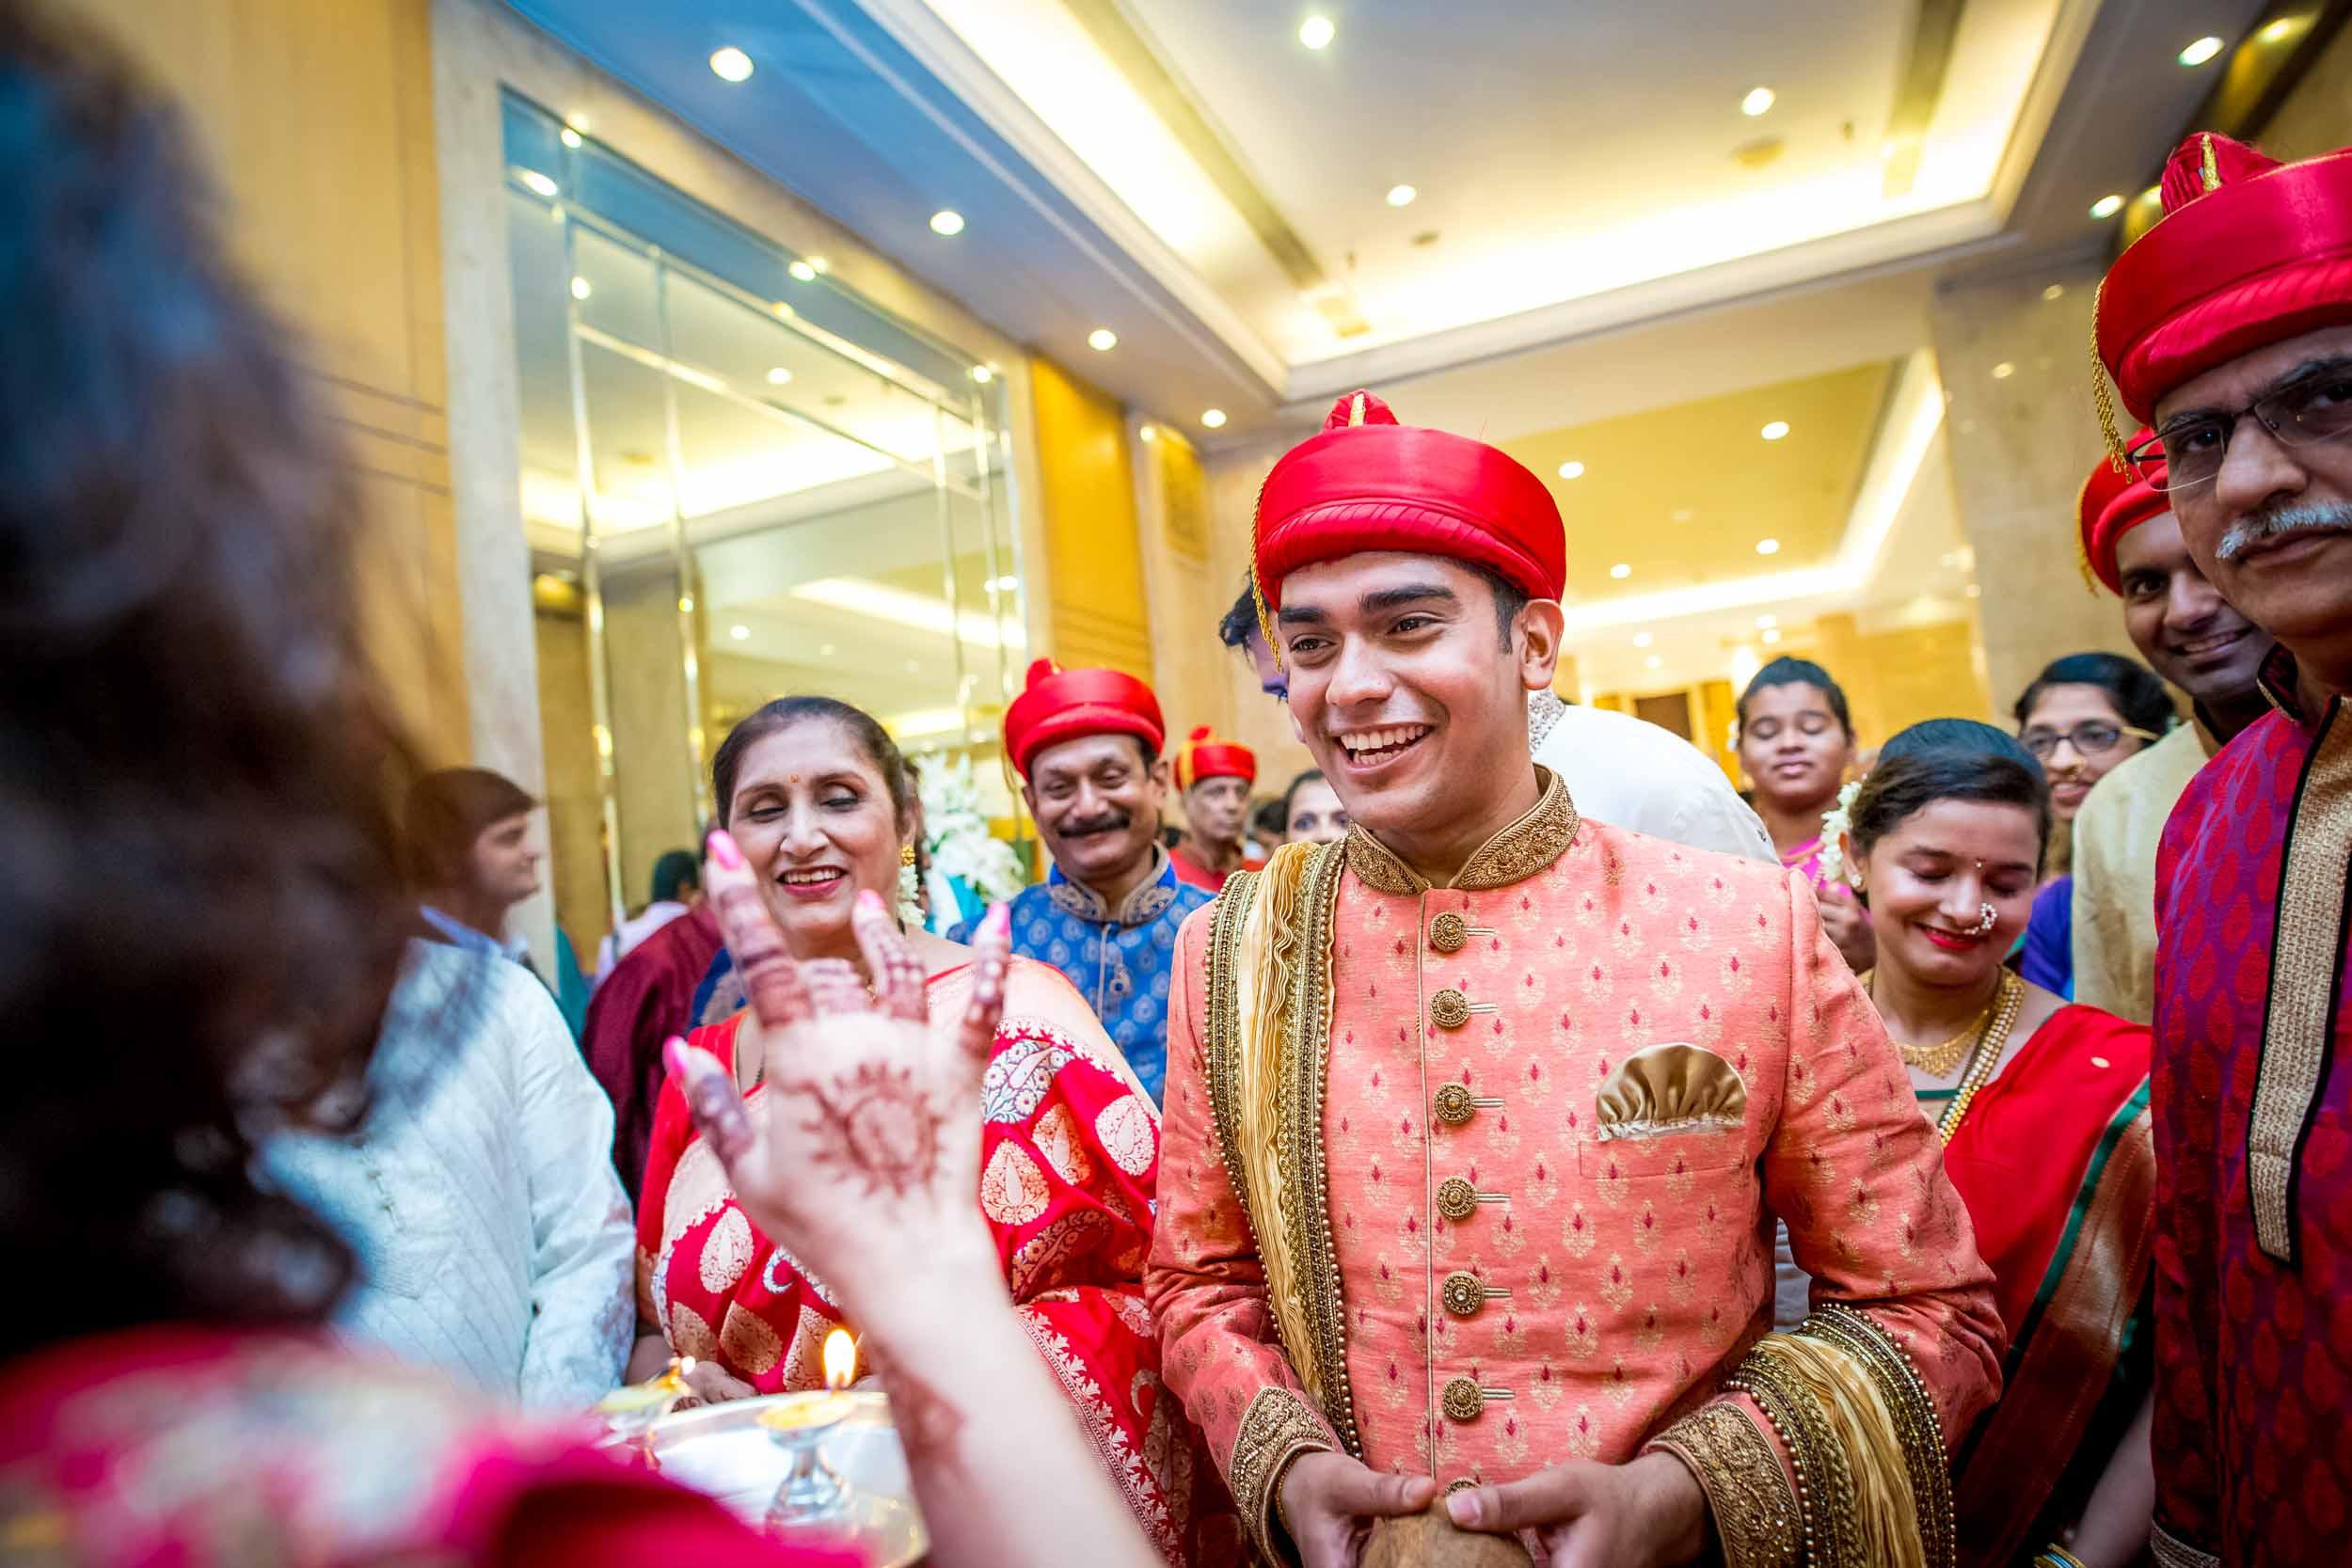 mumbai-pune-wedding-41.jpg